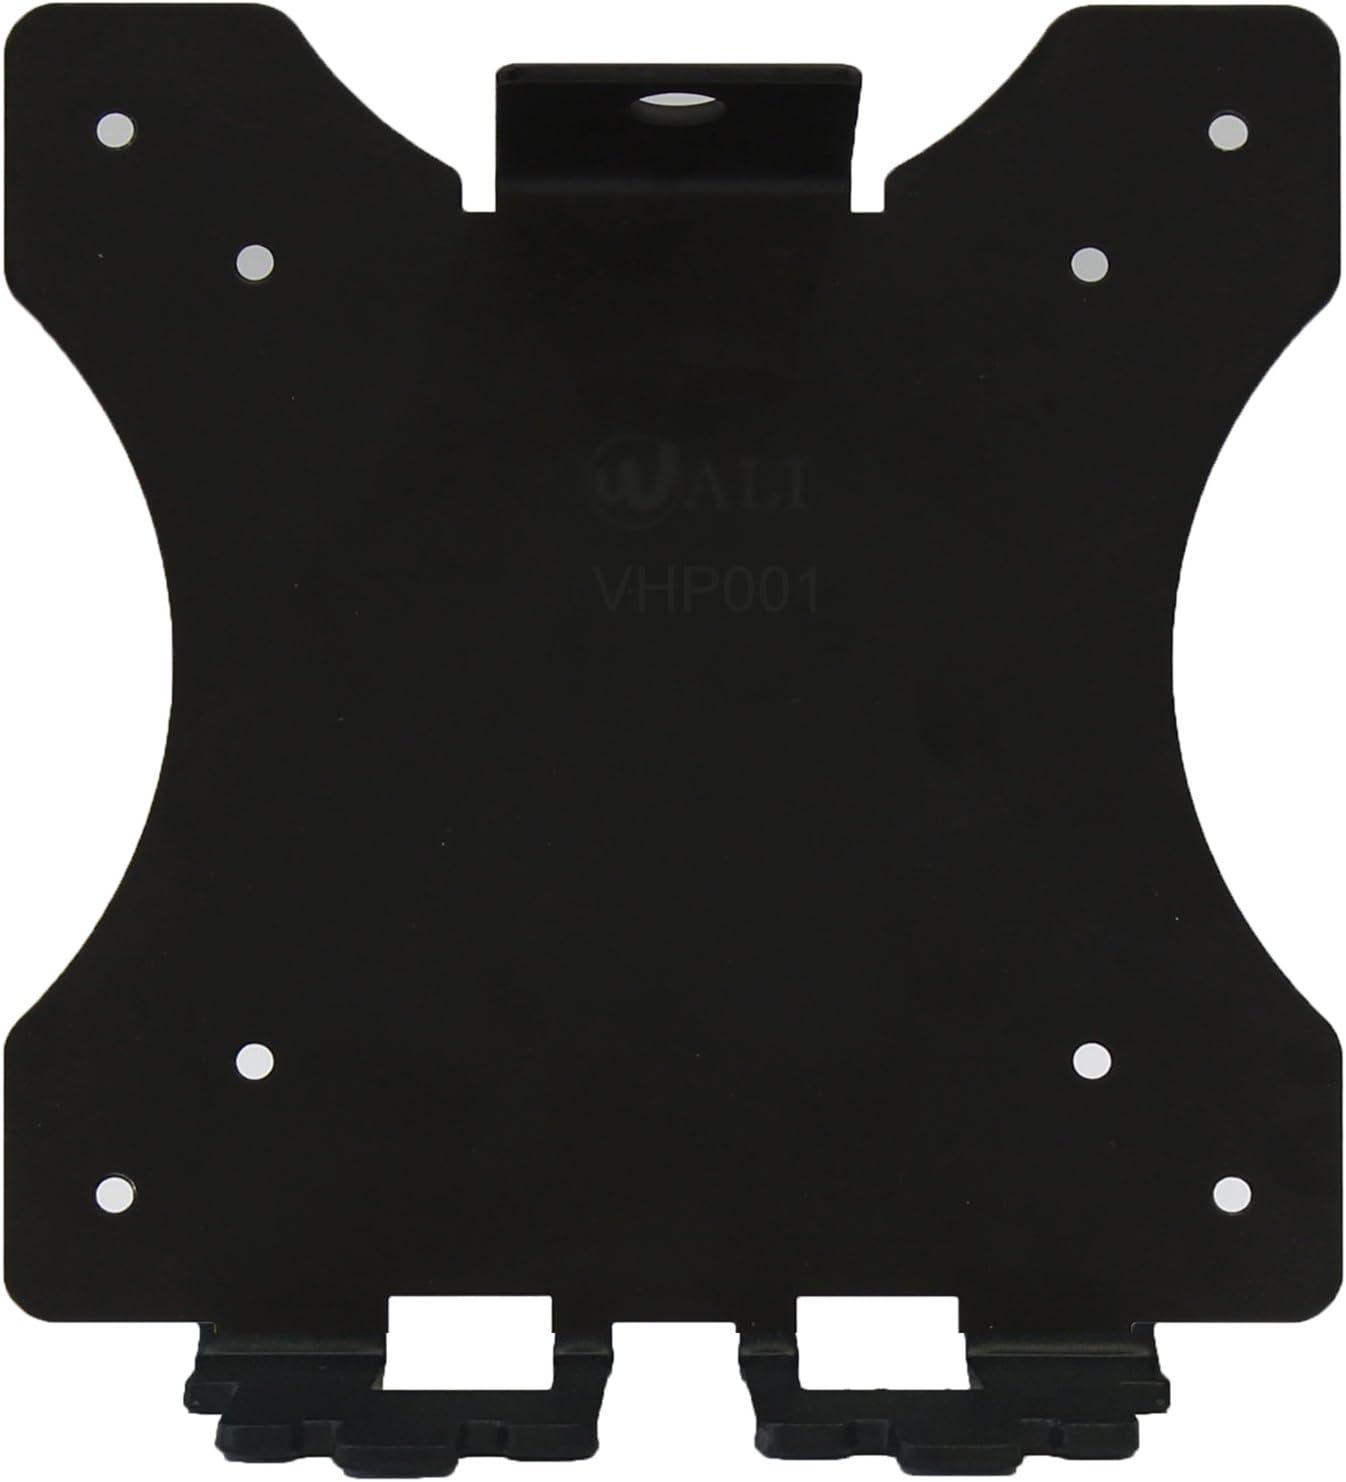 WALI VESA Mount Adapter Bracket for HP Pavilion Monitors, 27xw, 25xw, 24xw, 23xw, 22xw, 22cwa, 27cw, 25cw, 24cw, 23cw, and 22cw (1 Pack)